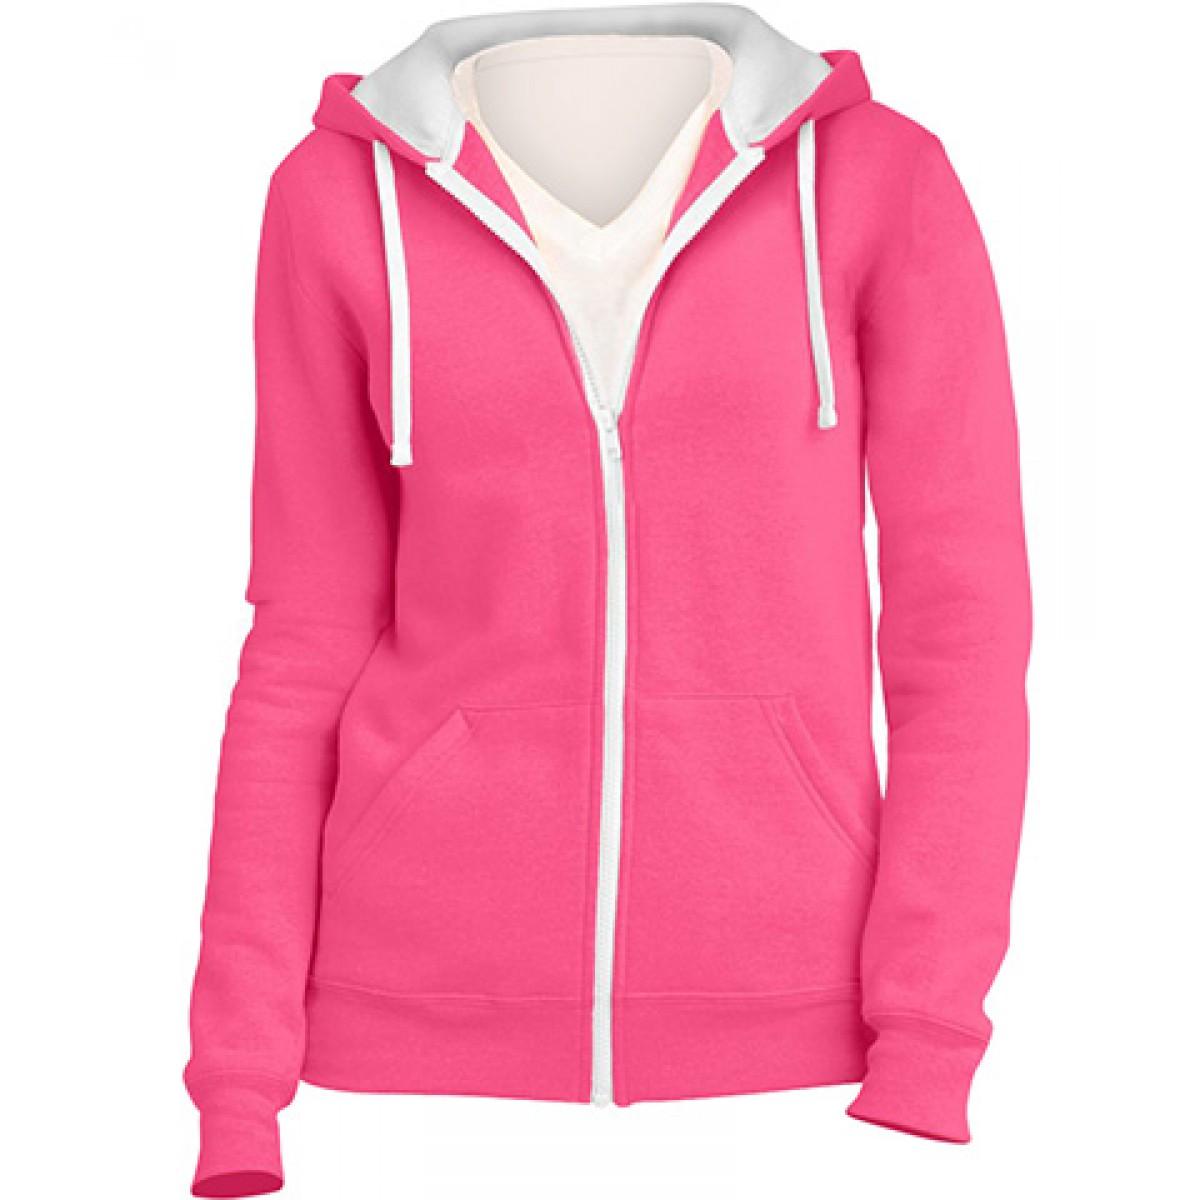 Juniors Full-Zip Hoodie-Neon Pink-S